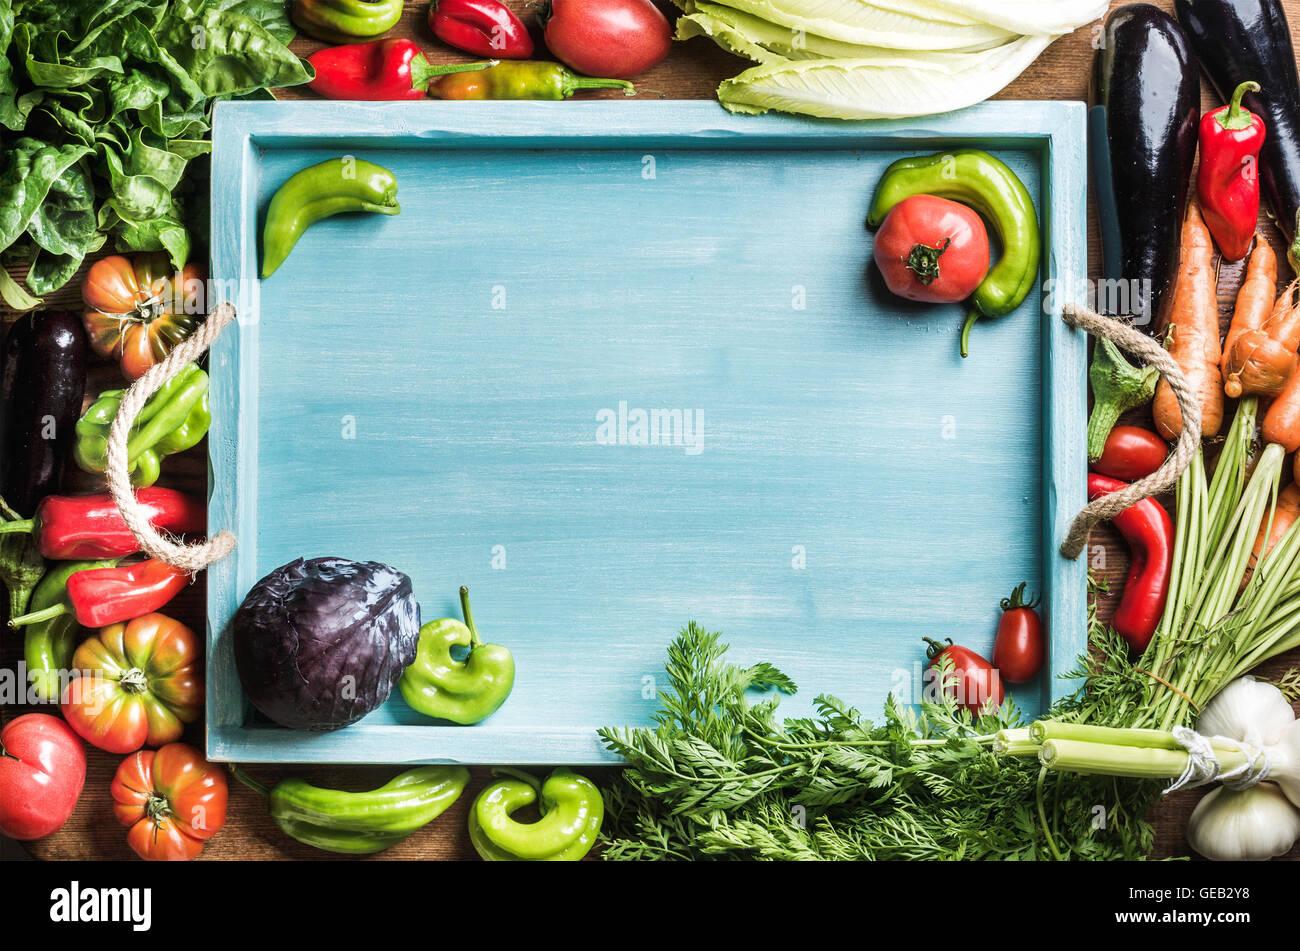 Freschi ingredienti grezzi per la cucina dietetica o insalata rendendo con blu vassoio in legno in centro, vista Immagini Stock